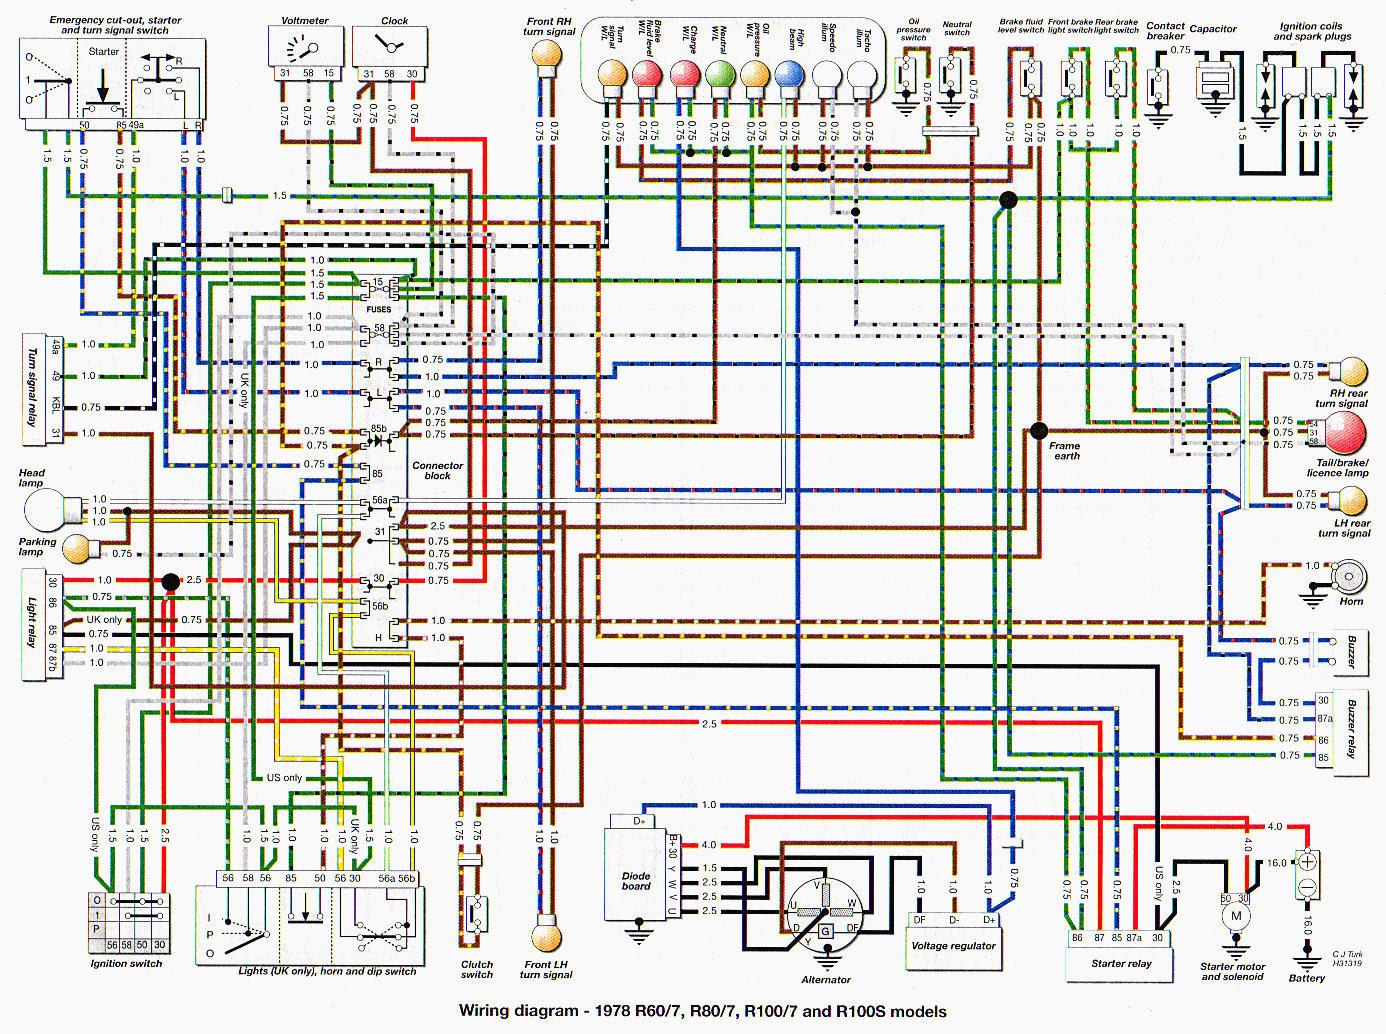 2004 Bmw Z4 Wiring Diagram Free Picture Wiring Diagram Xbox 360 Viking Bebenag Nian Waystar Fr